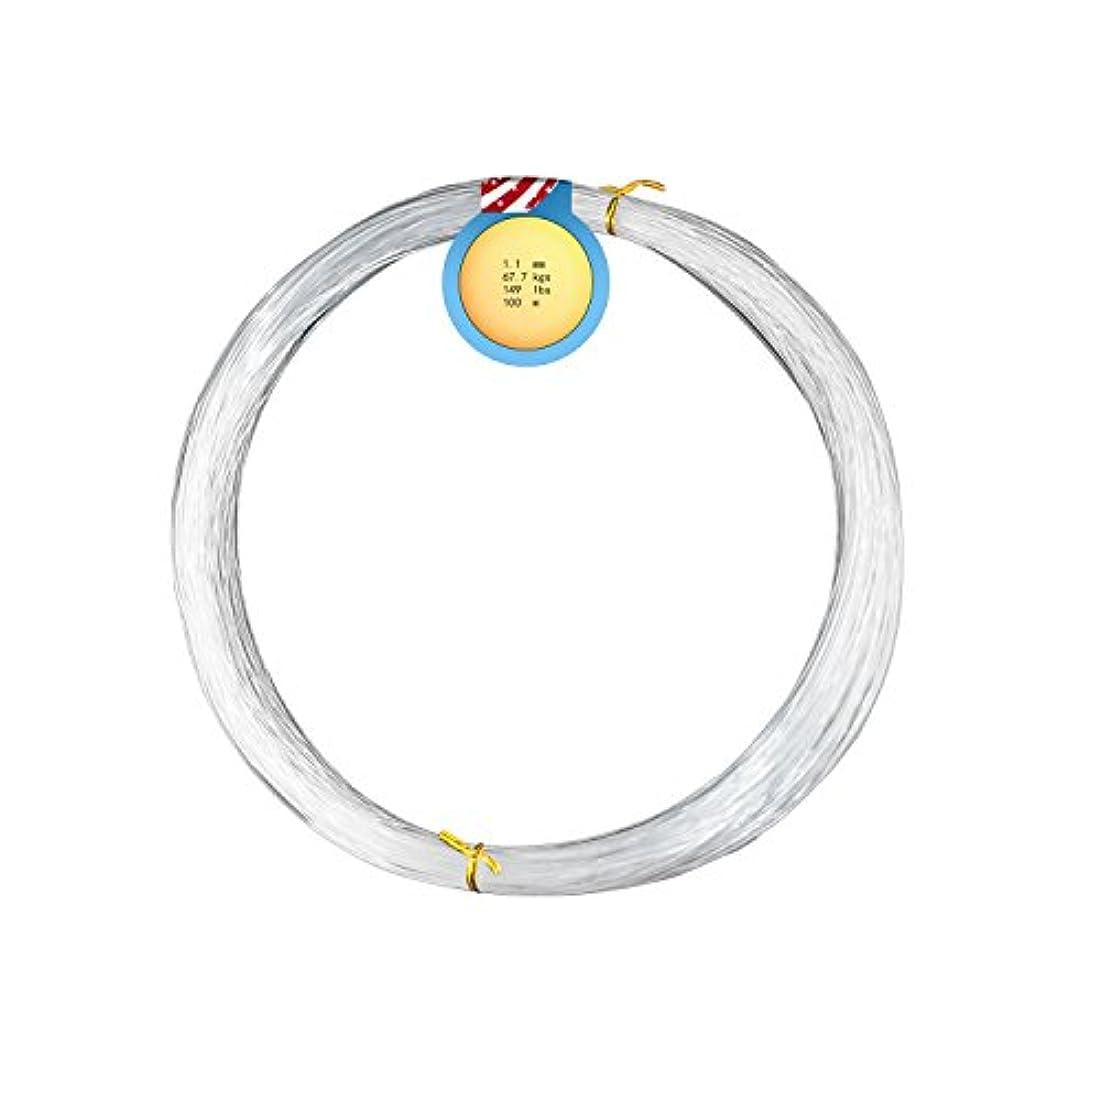 疑問に思う美しい変わるAGOOL NF300 モノフィラメントナイロンライン ソフトライン 単繊維 国産素材採用 NF-300 Monofilament NYLON LINE 100m*5(5輪セット) 13.60LB(0.3mm)-361.60LB(1.9mm) 高伸度 高強度 高耐久釣り系 クリア